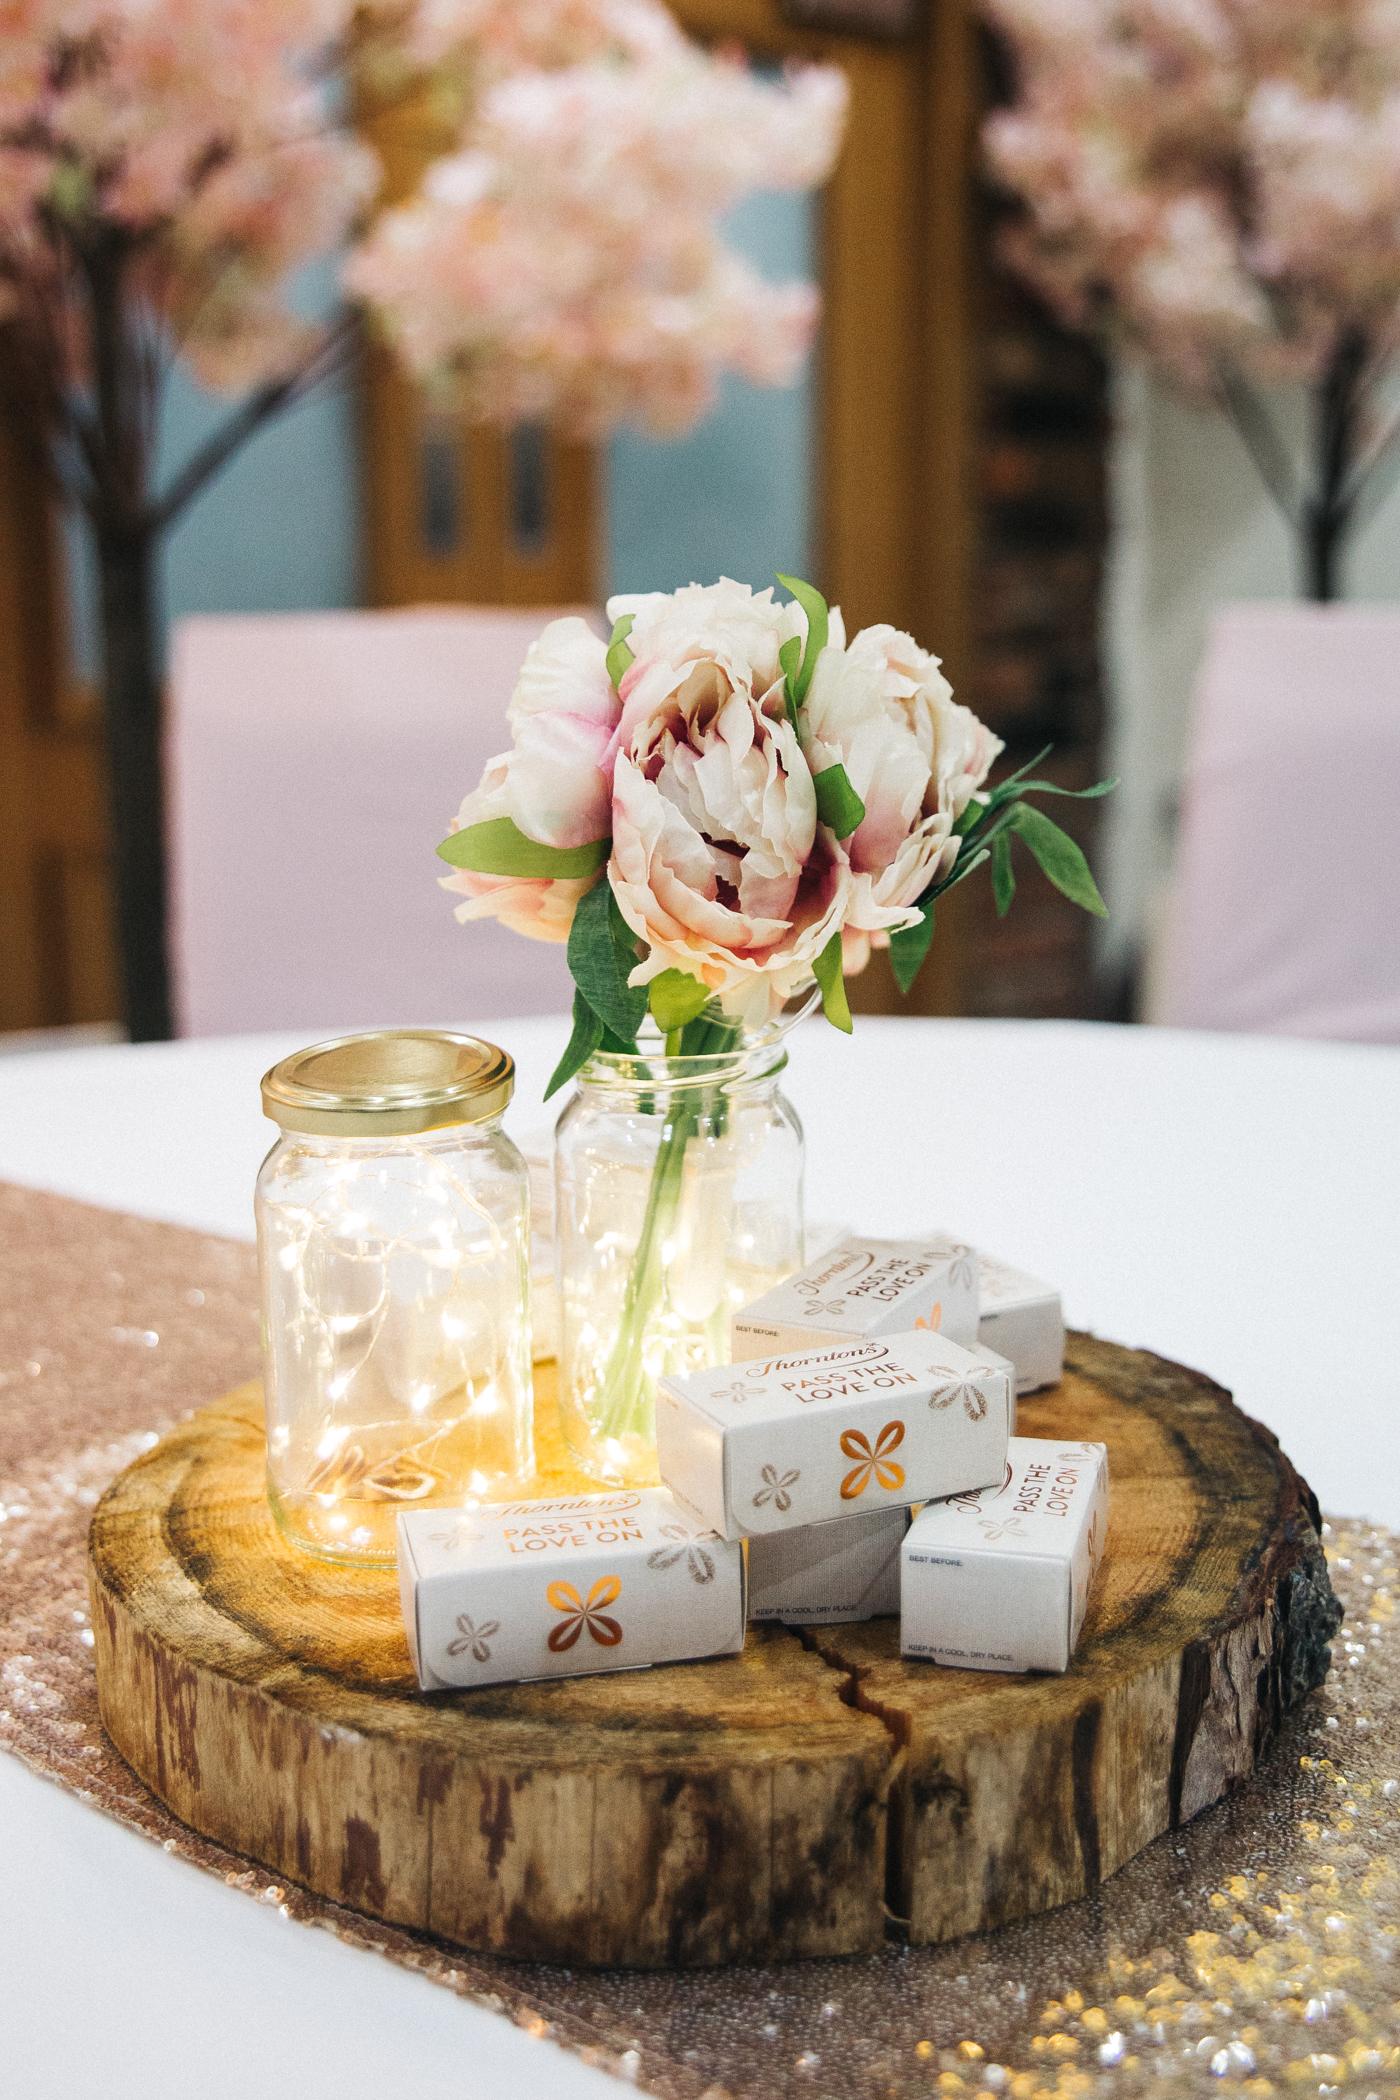 derby-derbyshire-wedding-photographer-creative-white-hart-inn-wedding-0031.jpg